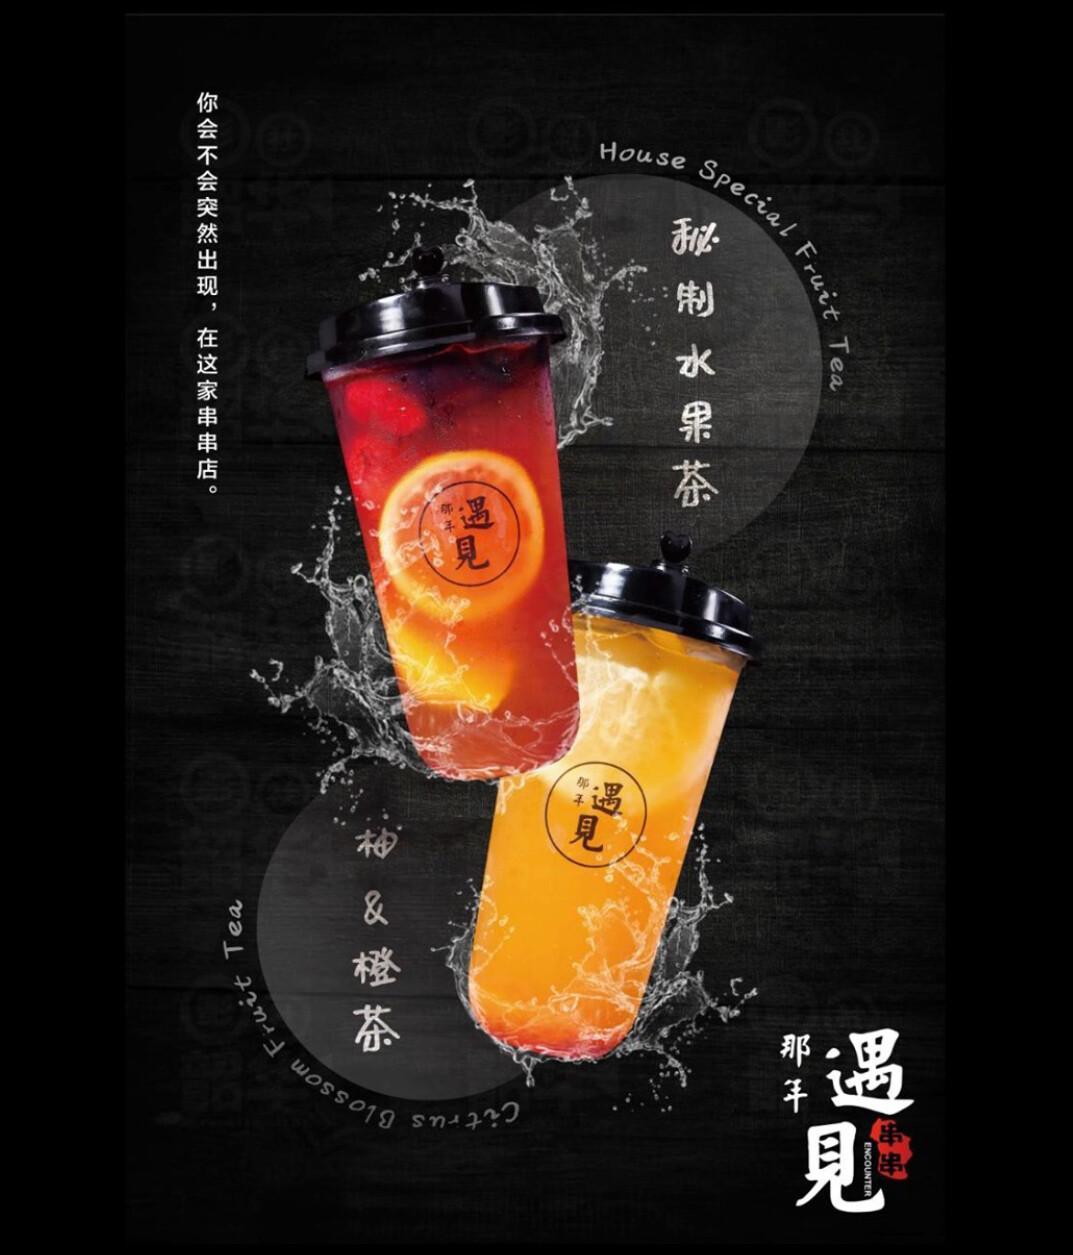 【那年遇见】Citrus Blossom Fruit Tea 柚&橙茶(Friday Only)